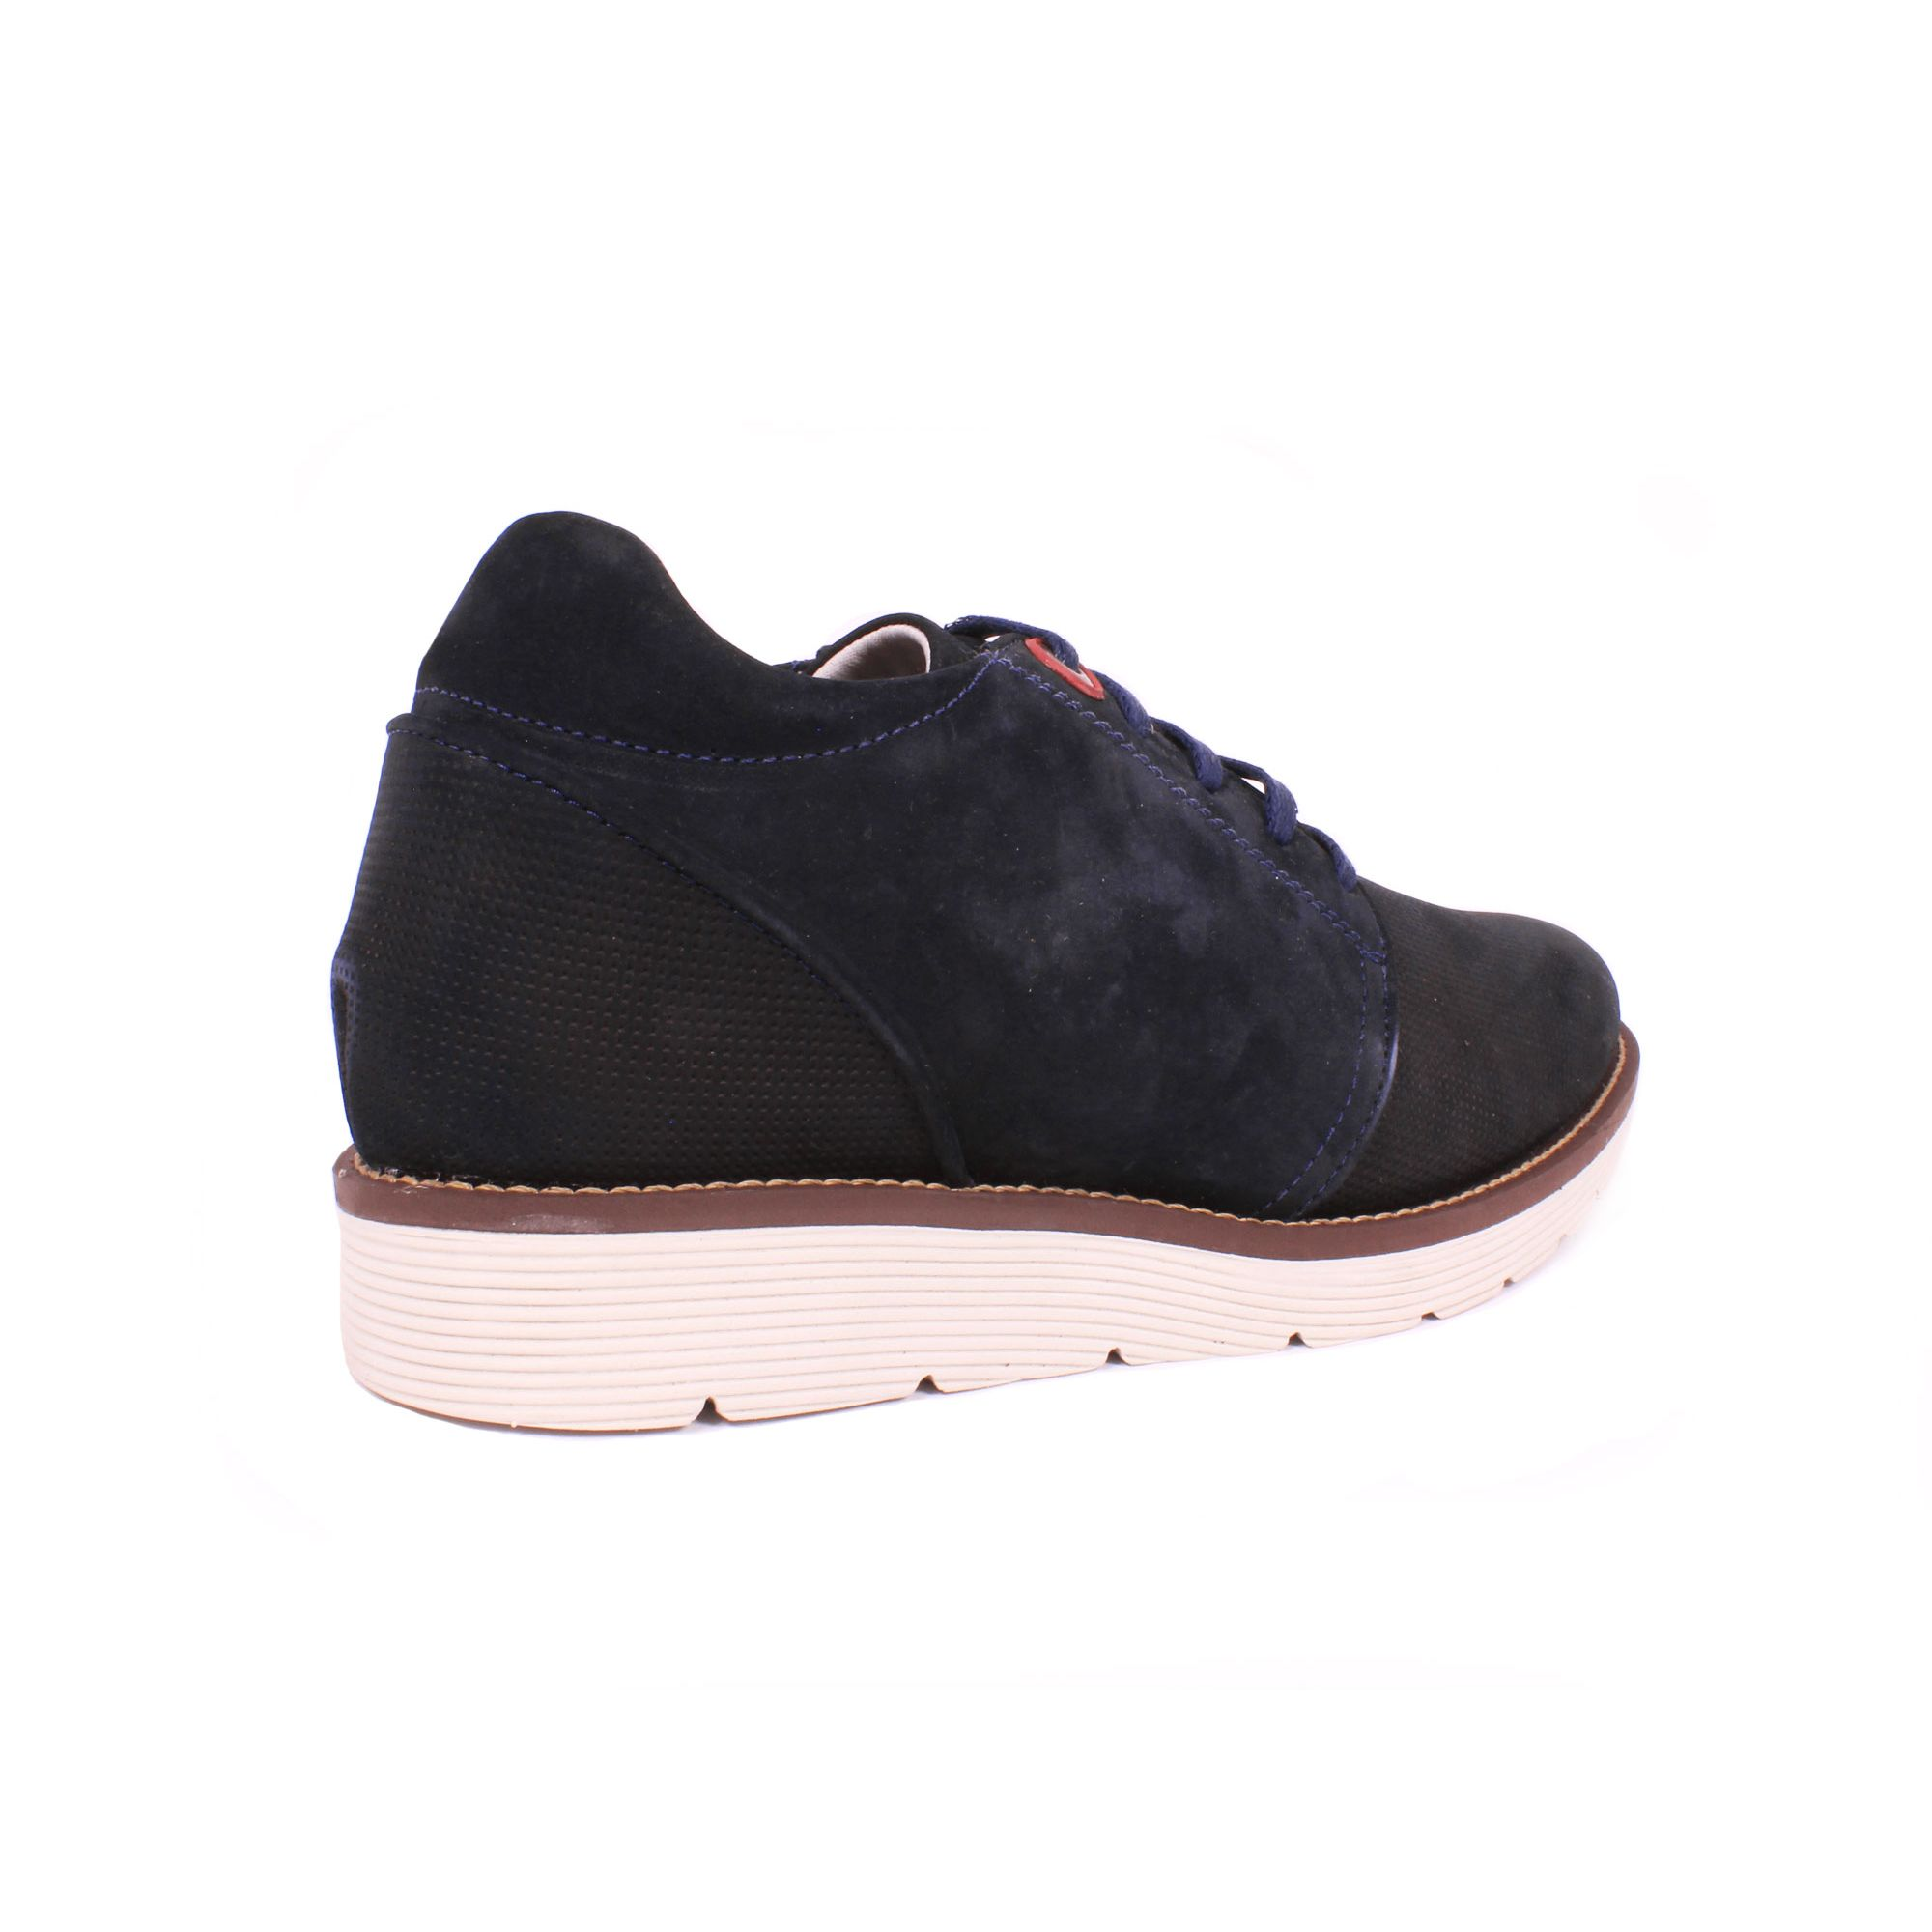 Zapato Casual Avenue Azul Max Denegri +7cms de Altura_70773